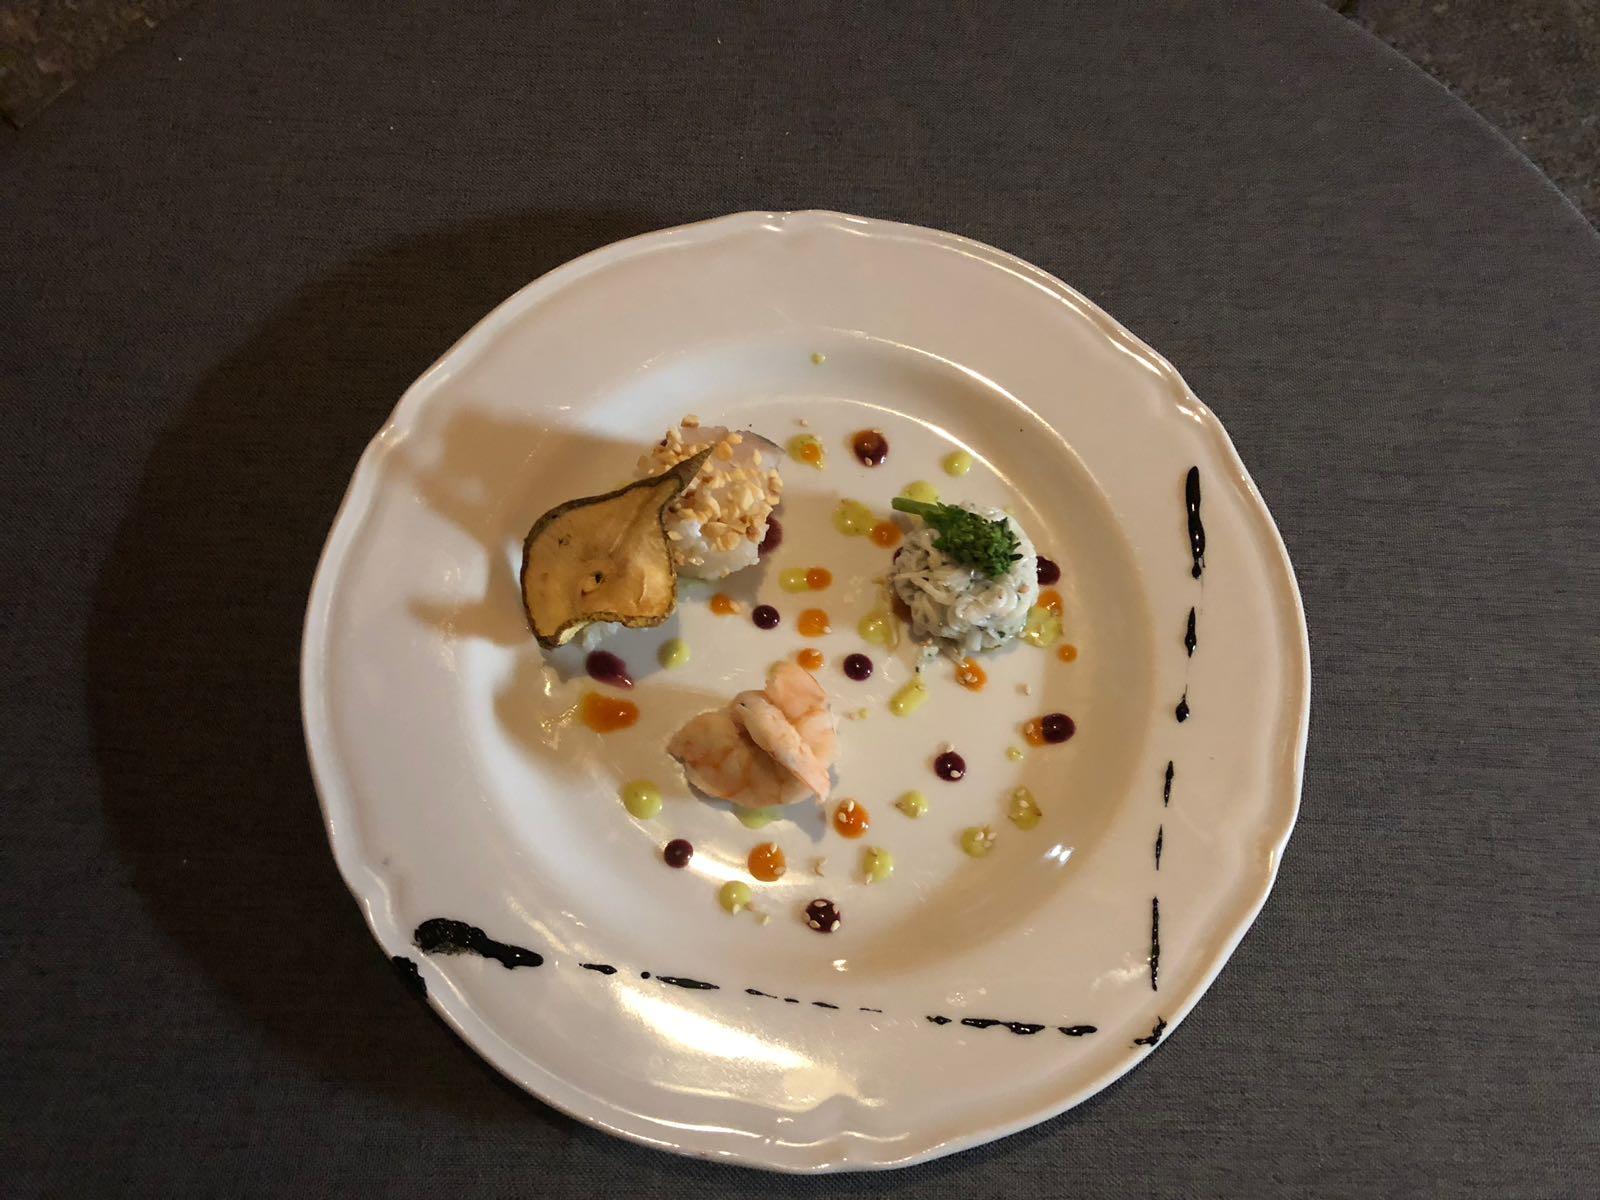 ristorante_le_nuvole_a_ercolano_galleria_foto_ristorante_seconda_portata_5